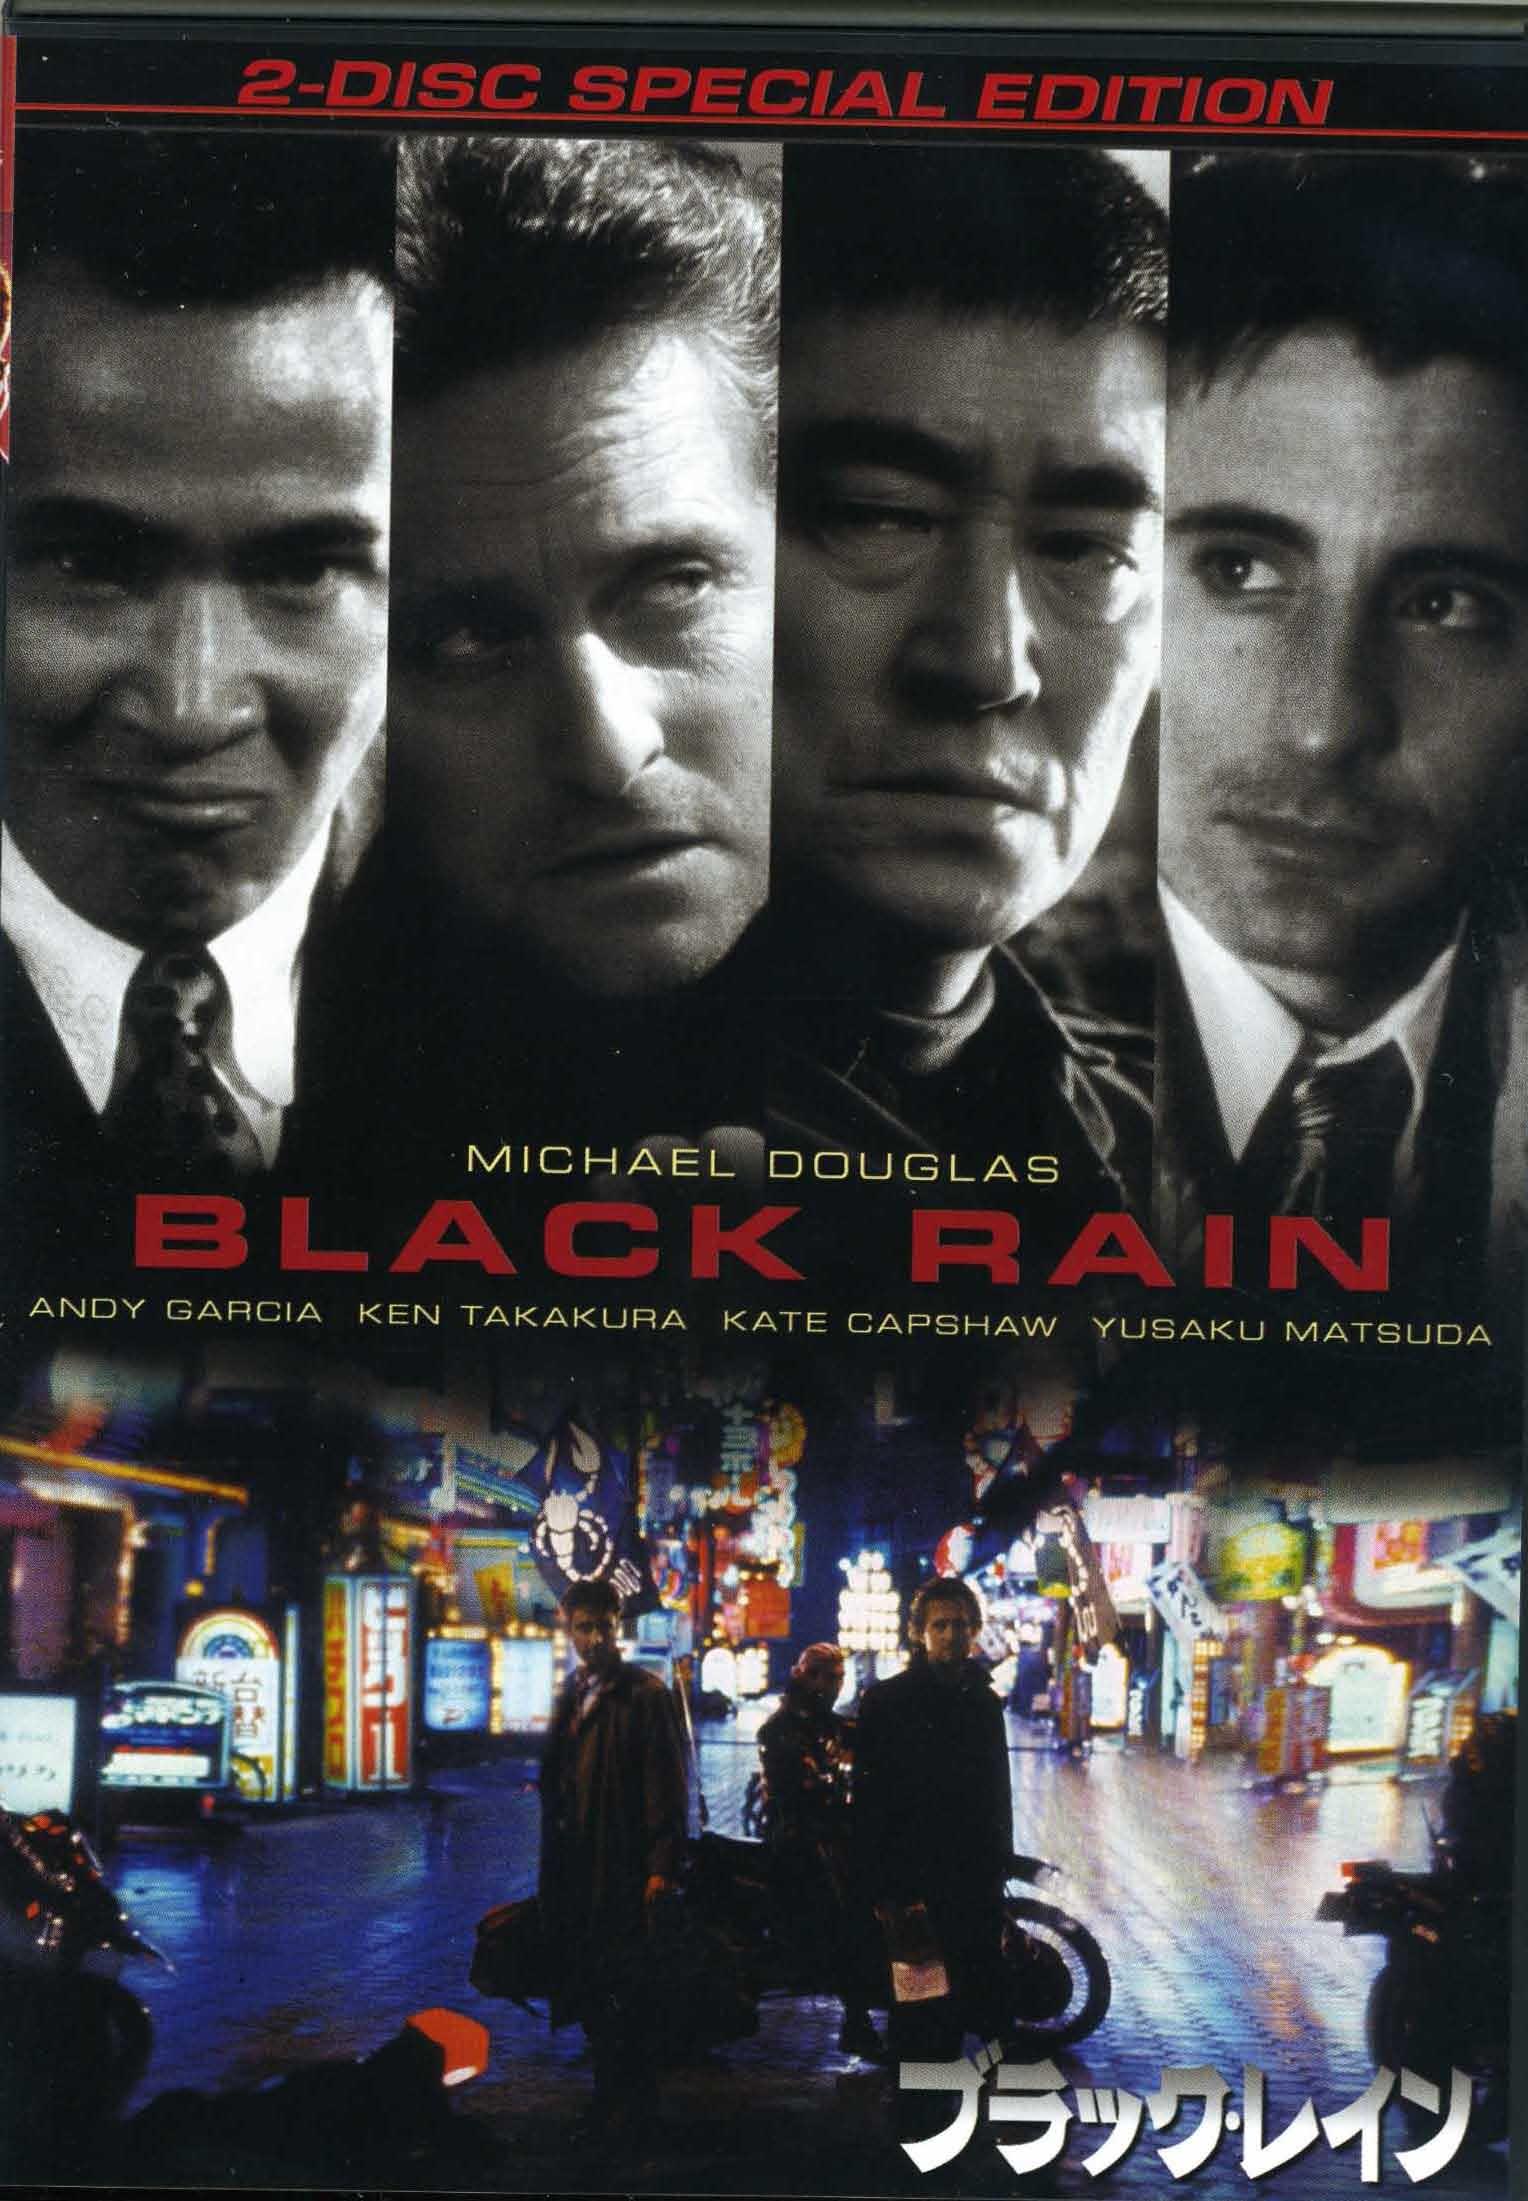 健さんの追悼映画その2 「ブラックレイン」_c0110051_1215188.jpg